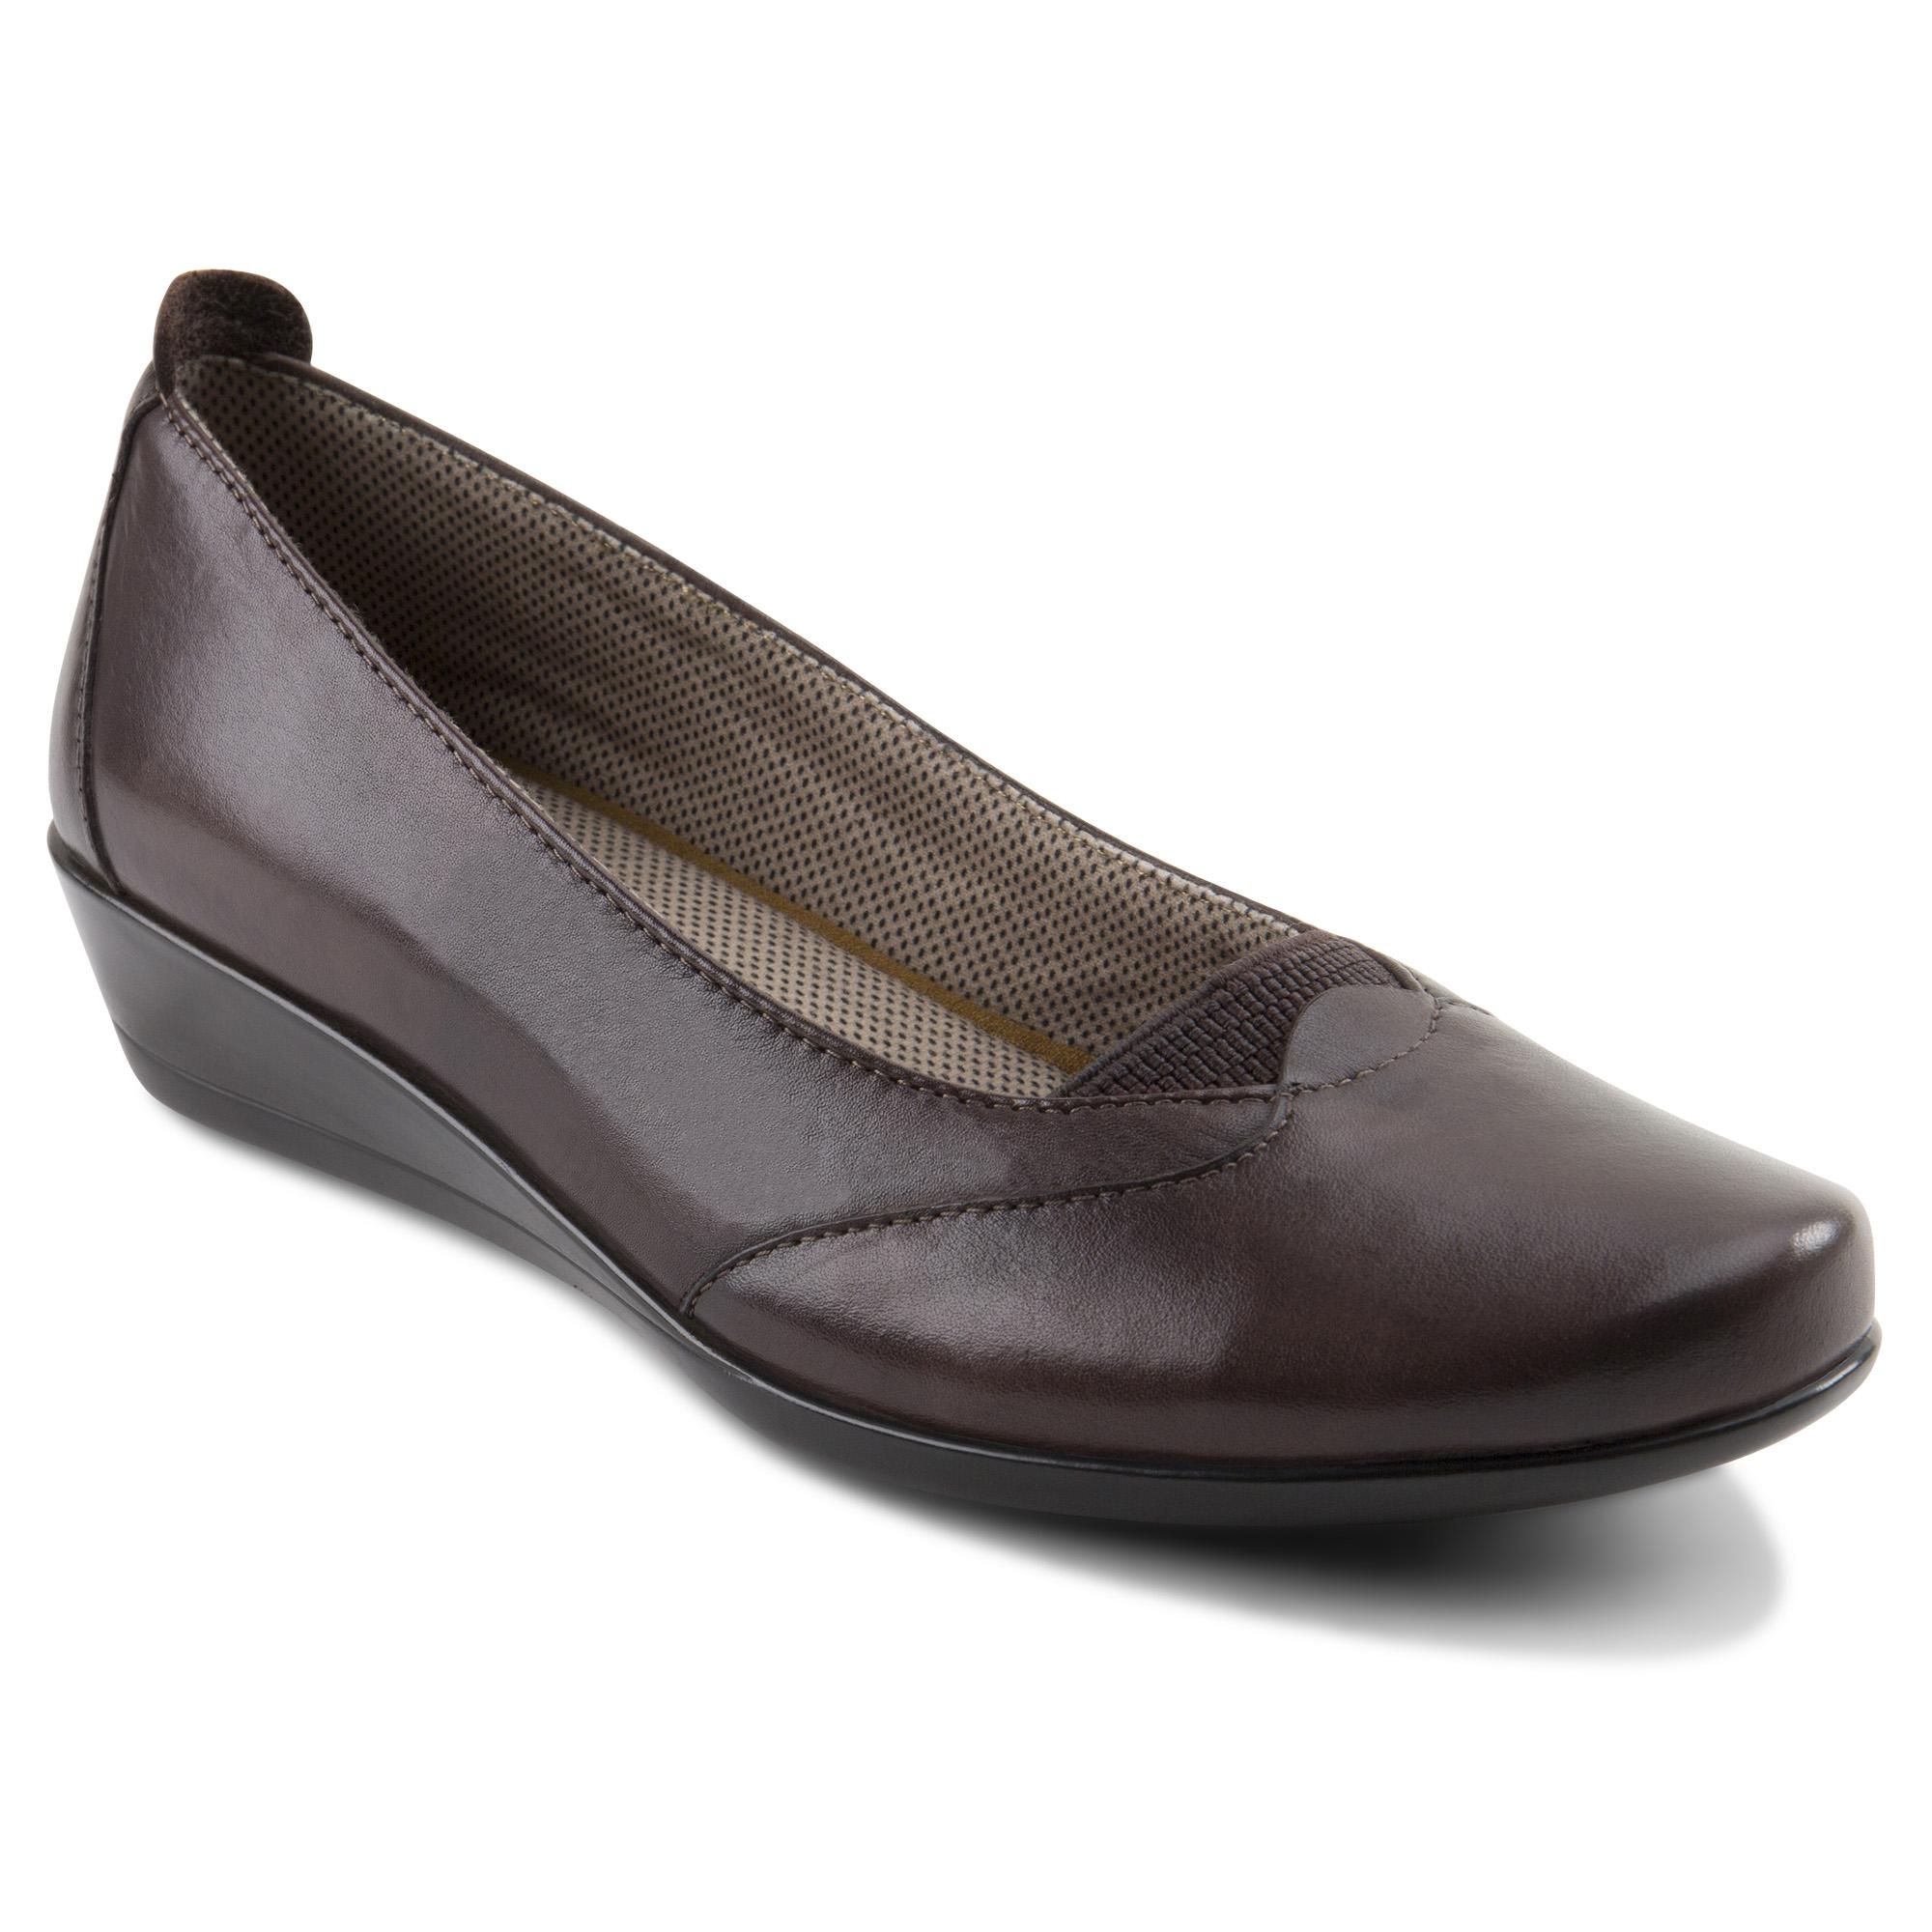 Eastland Women's Harper Brown Slipon Shoe